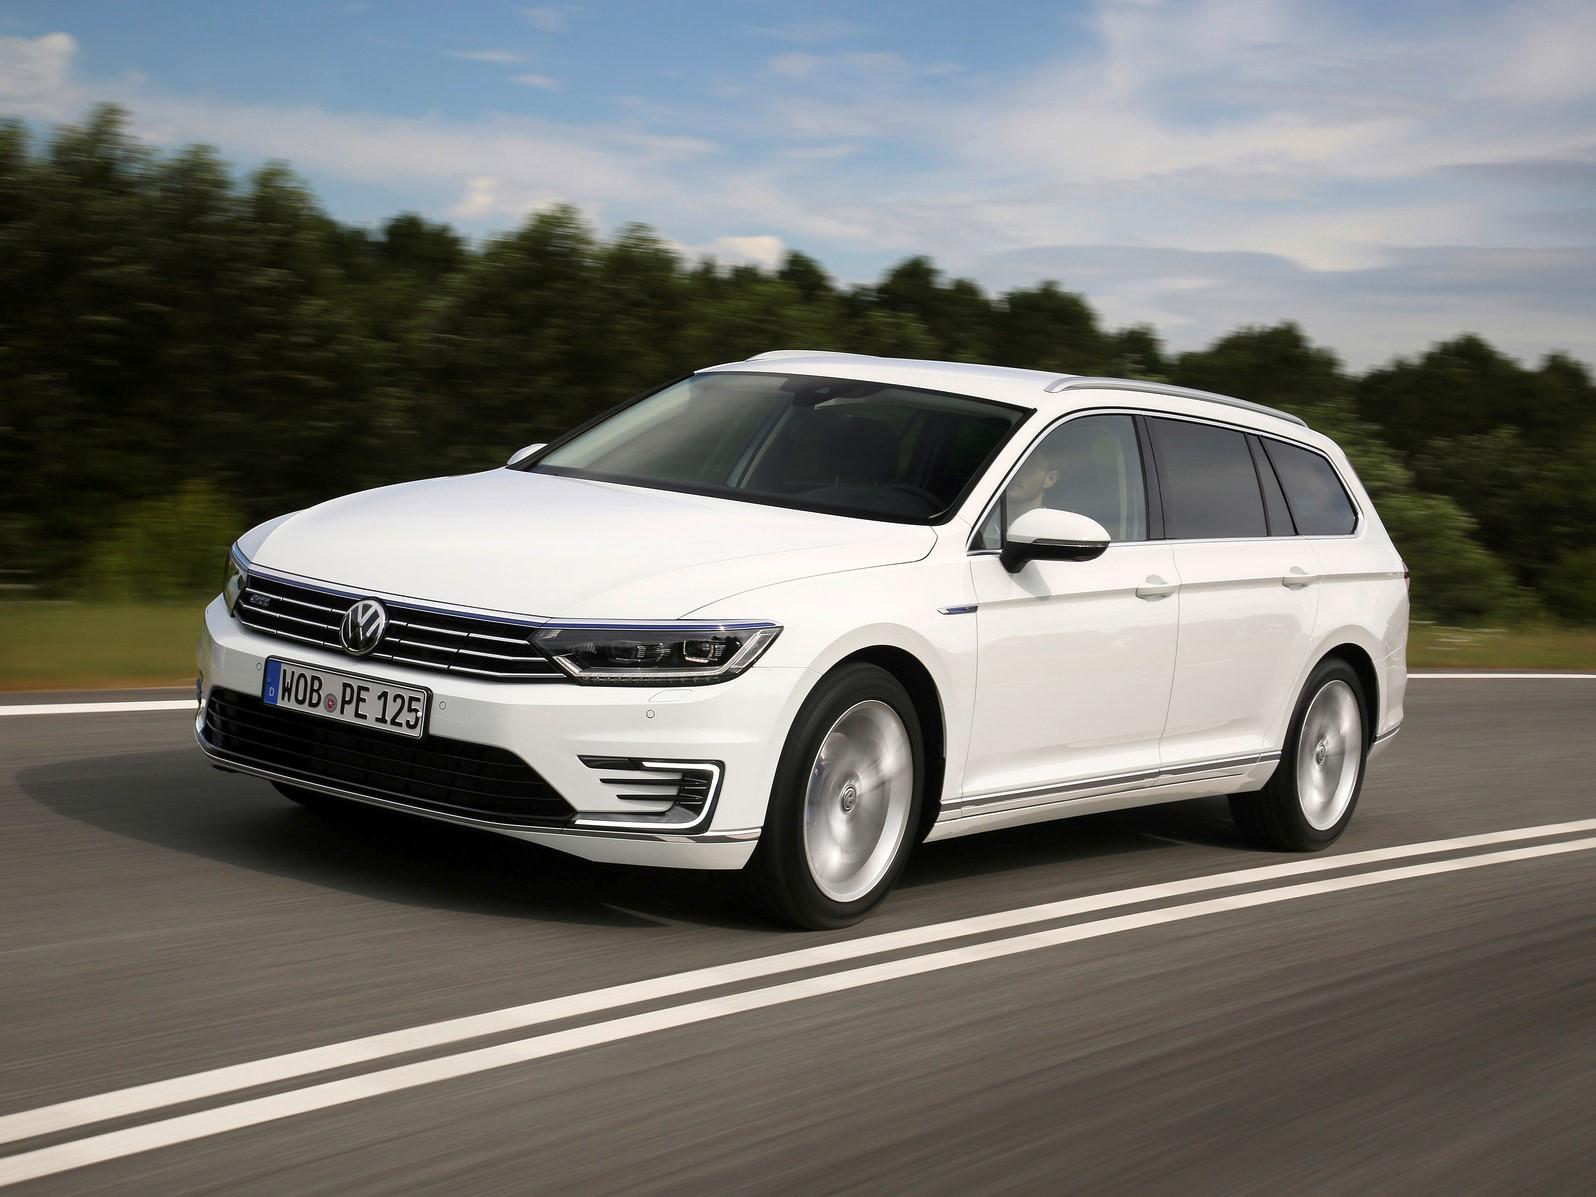 Volkswagen Passat GTE nabídne ještě delší dojezd při jízdě na elektřinu